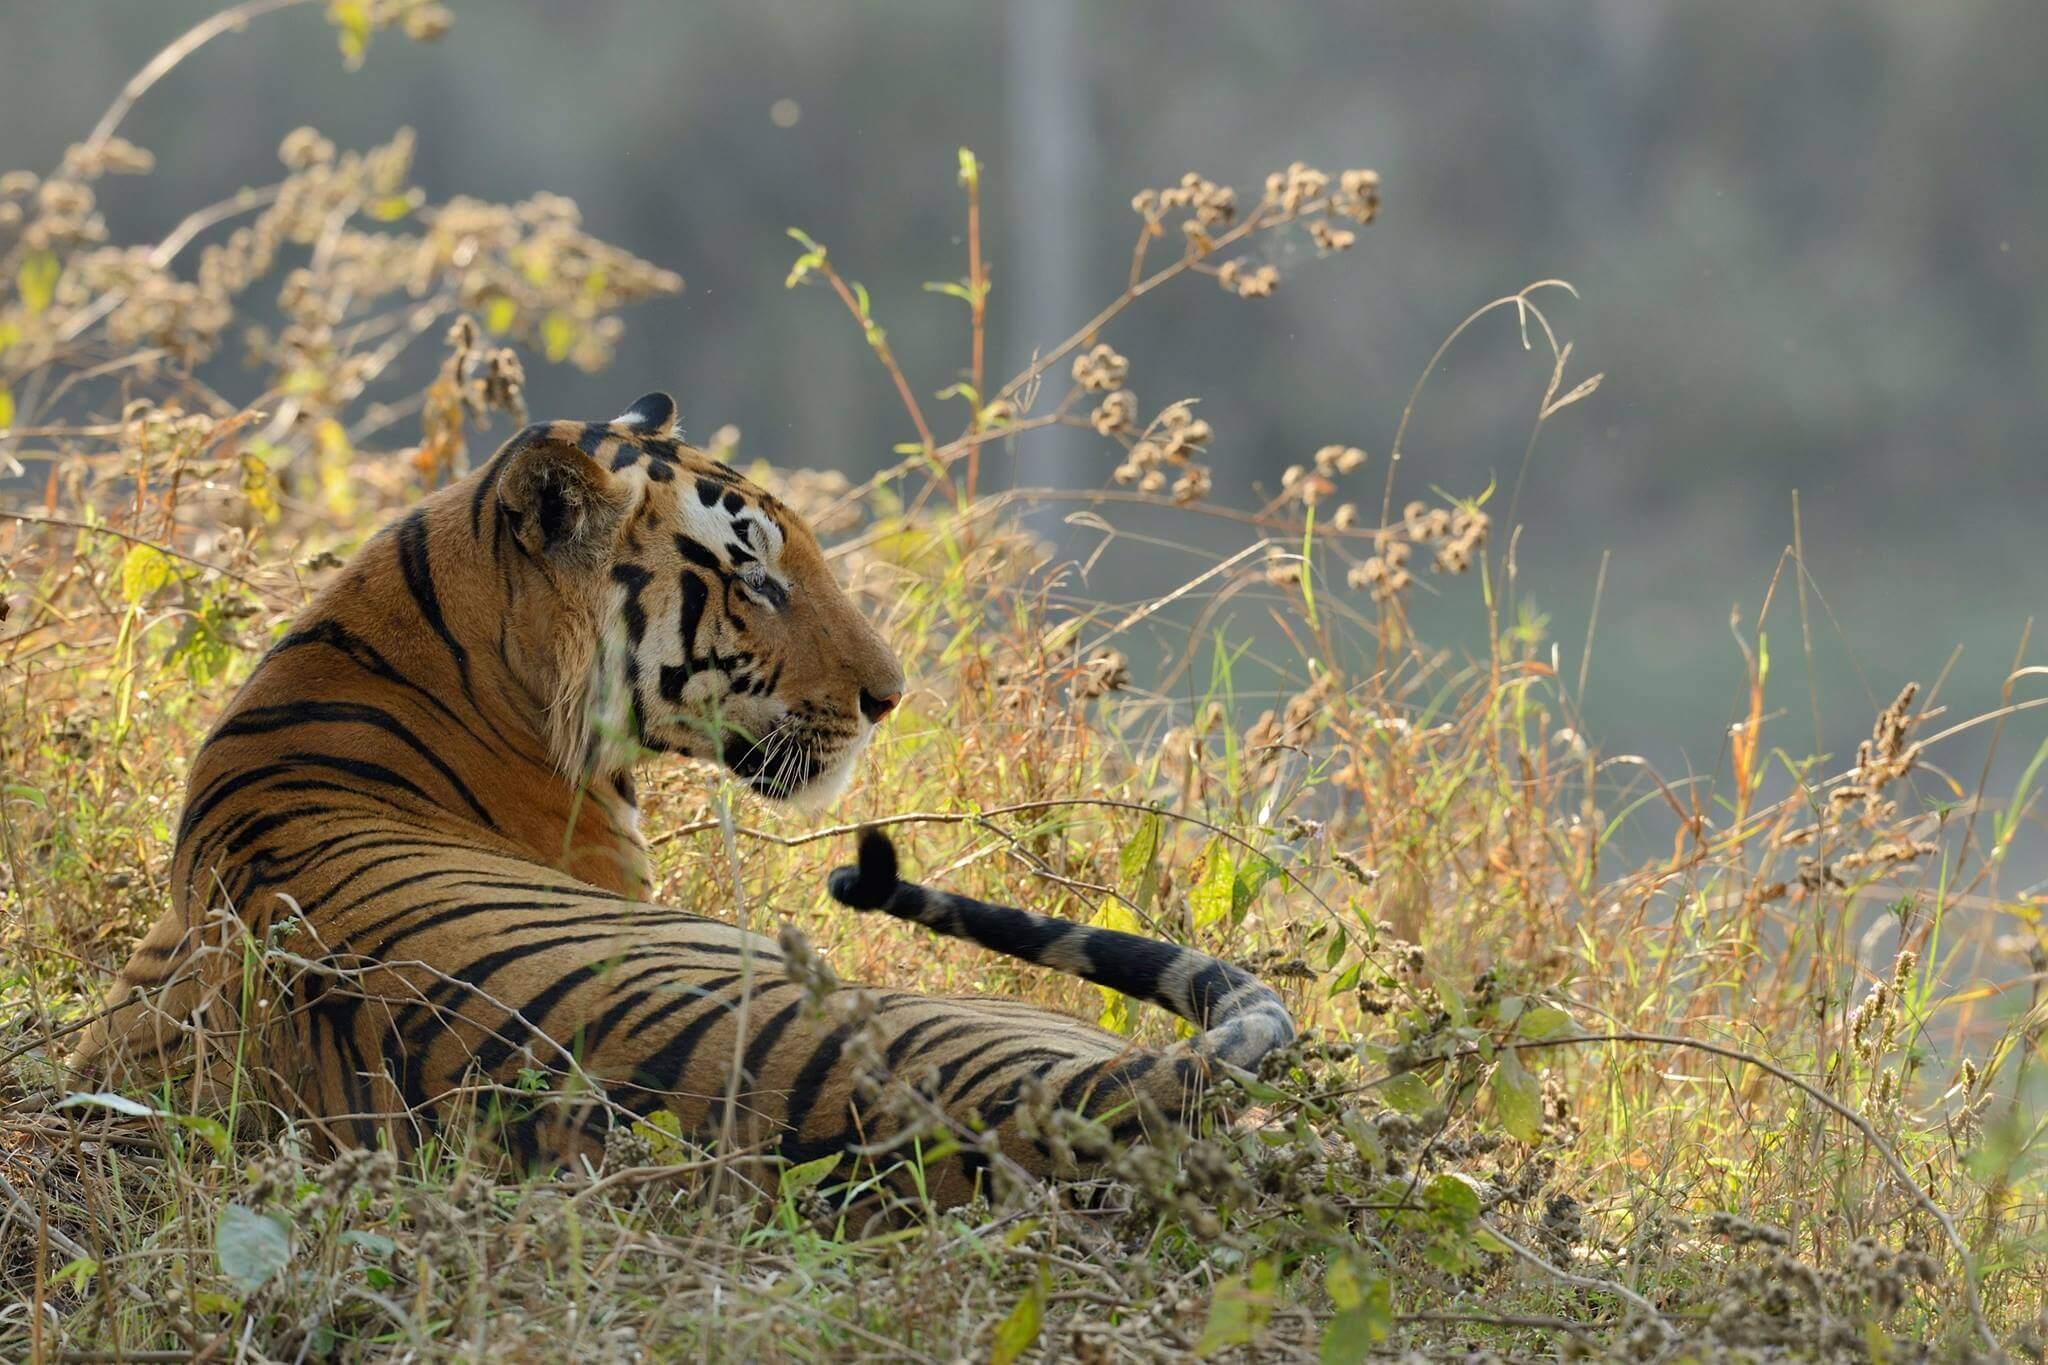 Jungle safari in Madhya Pradesh at the Kanha National Park